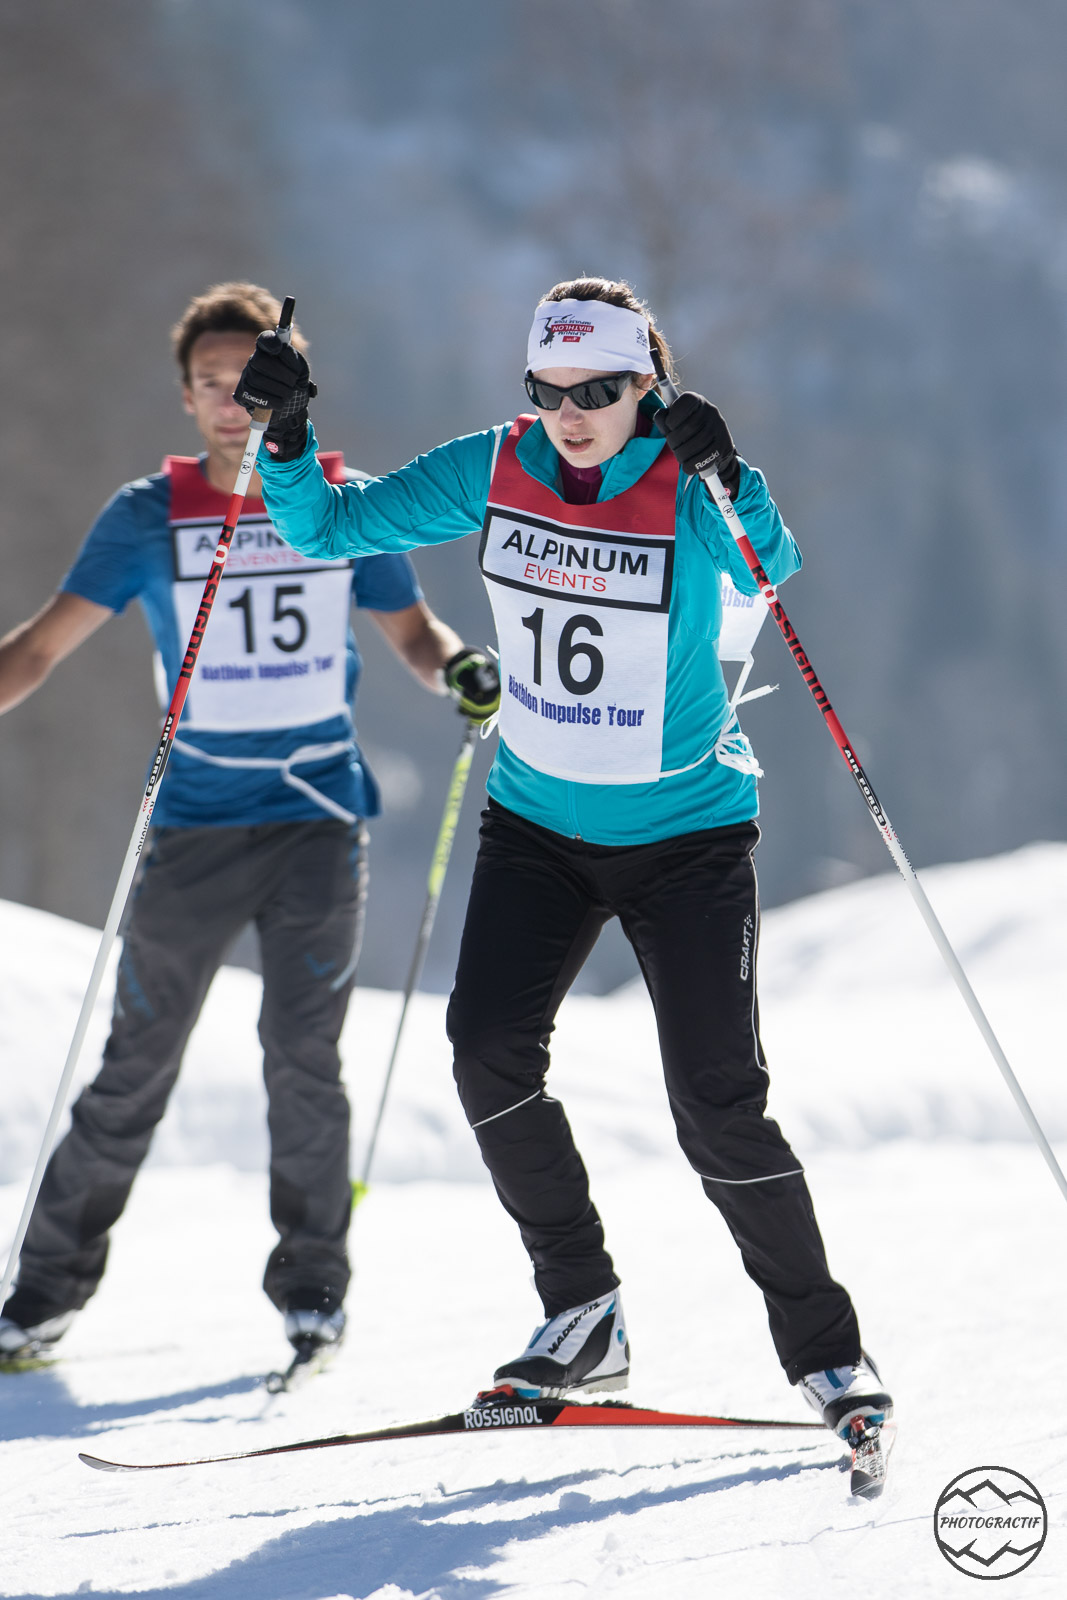 Biathlon Alpinum Les Contamines 2019 (24)